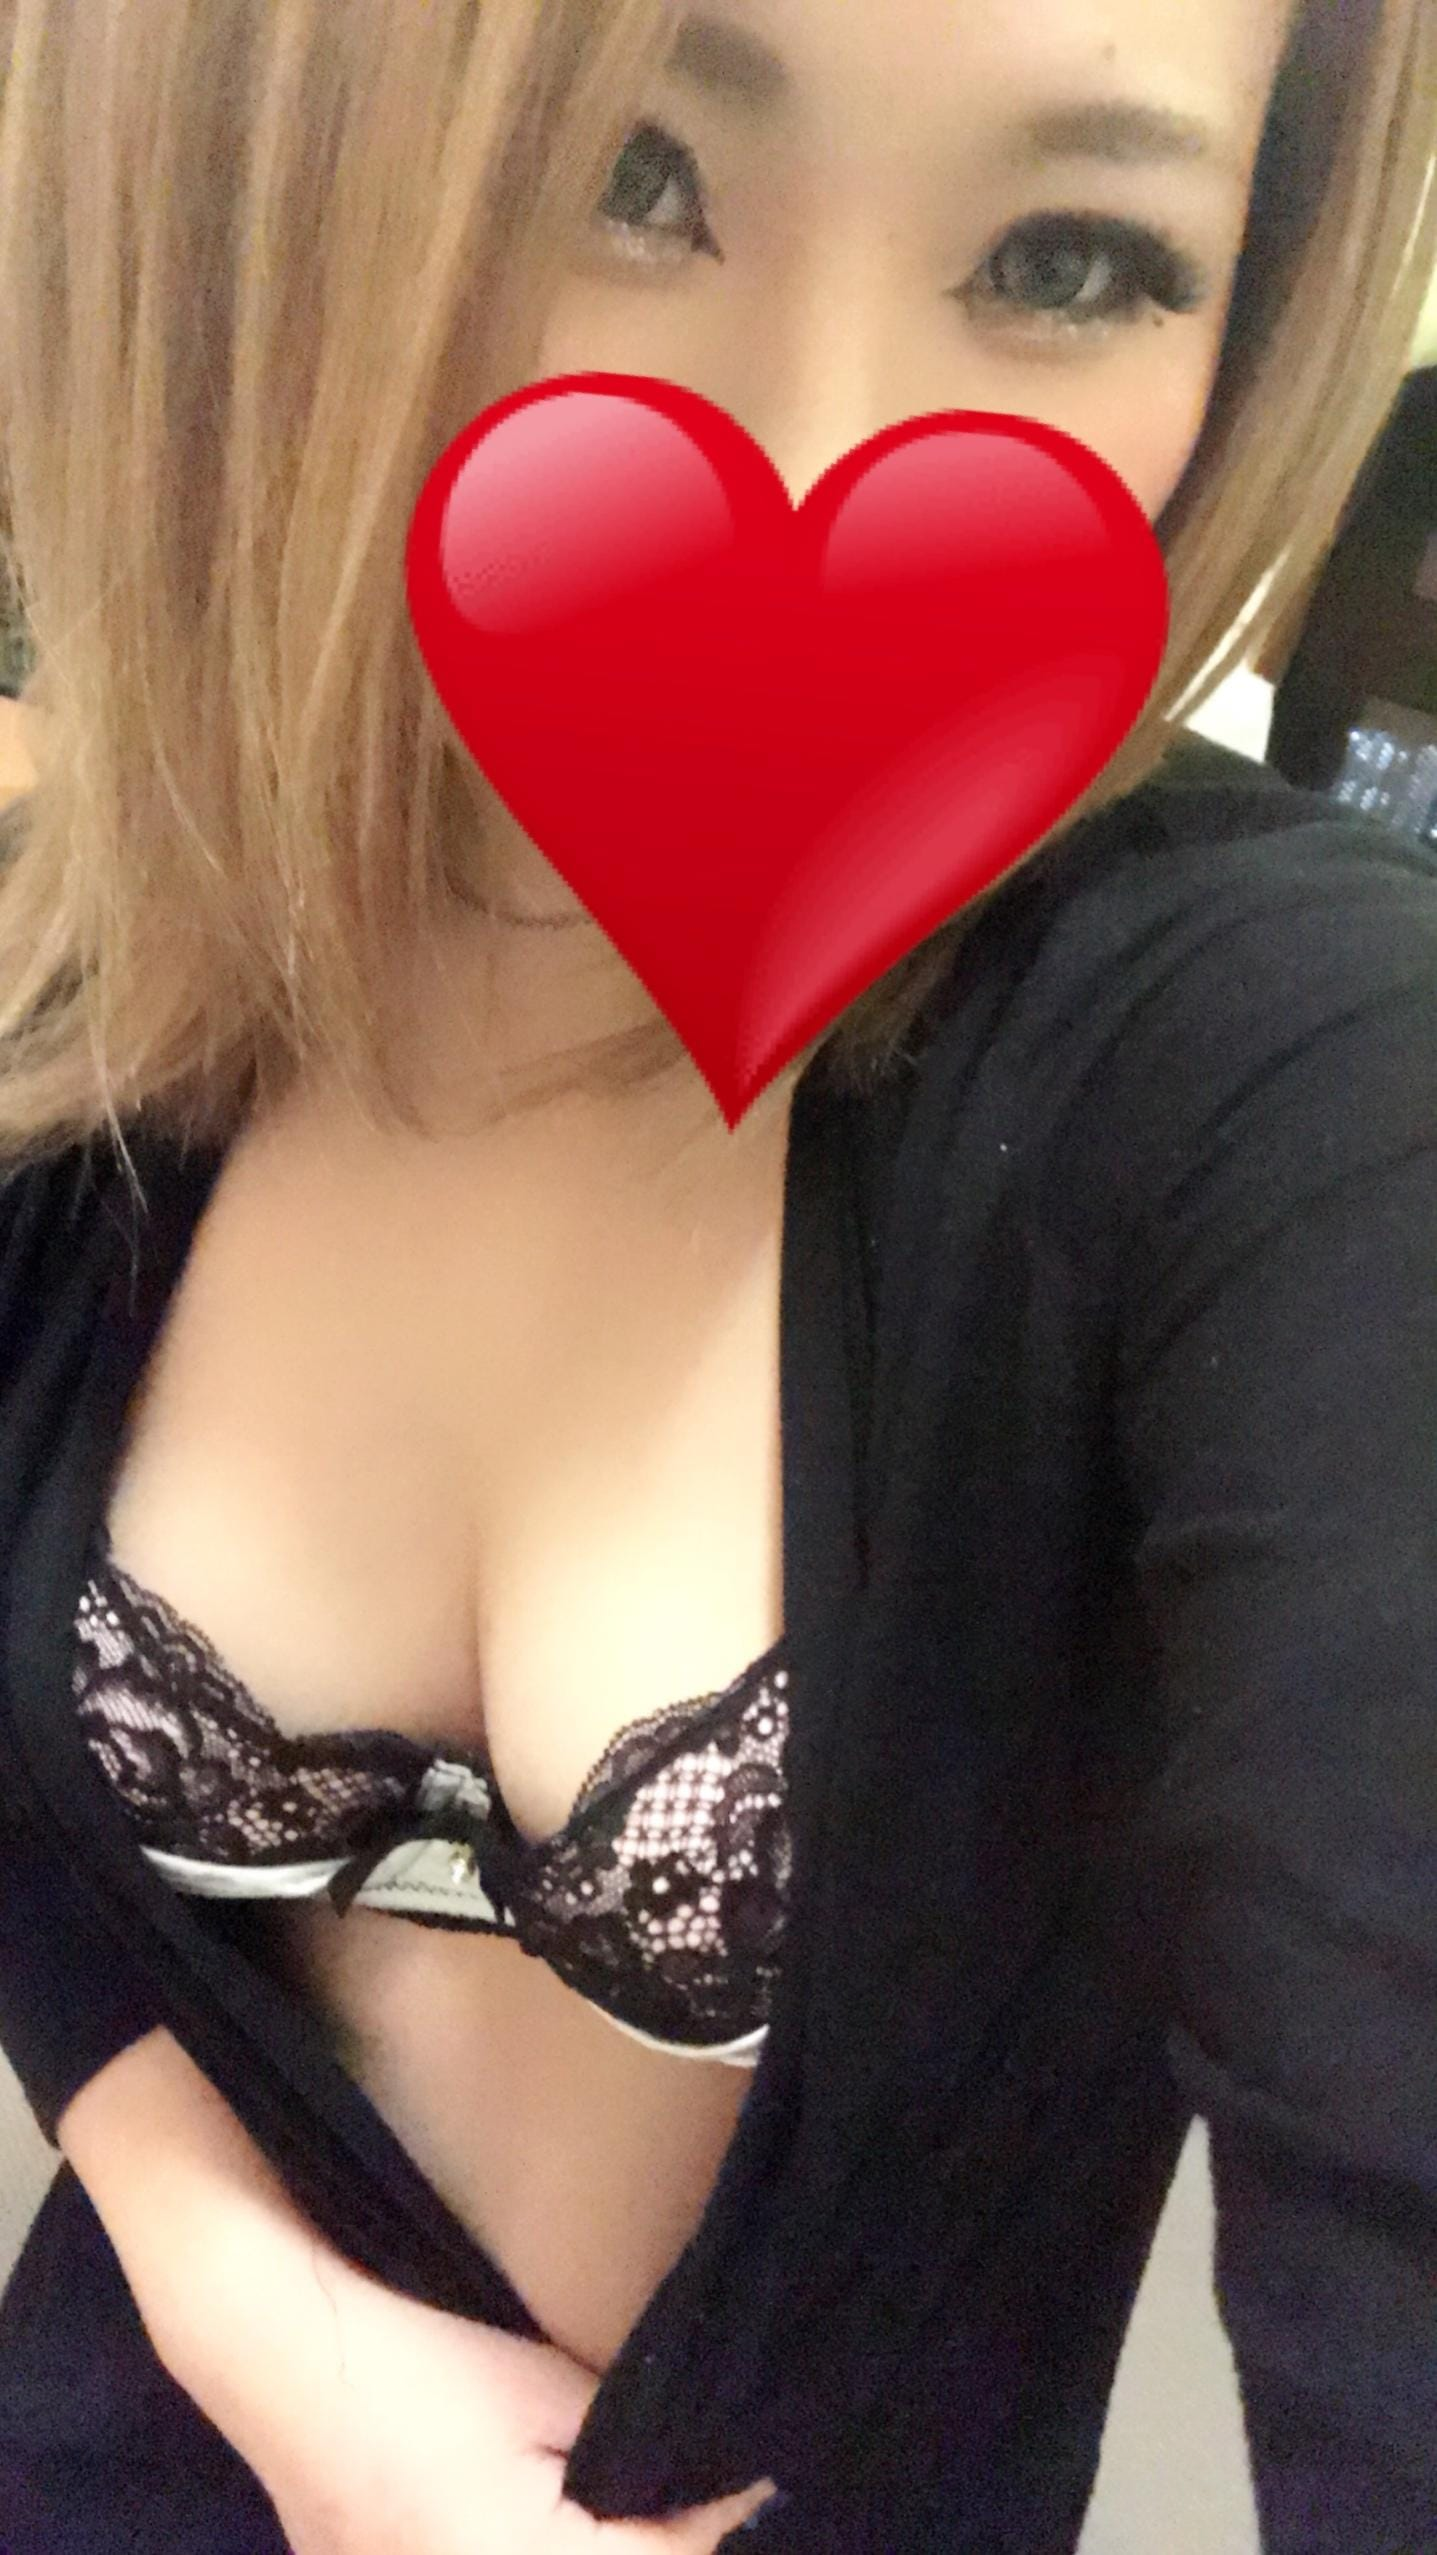 「お礼(^^)」07/28(07/28) 02:09 | たまきの写メ・風俗動画